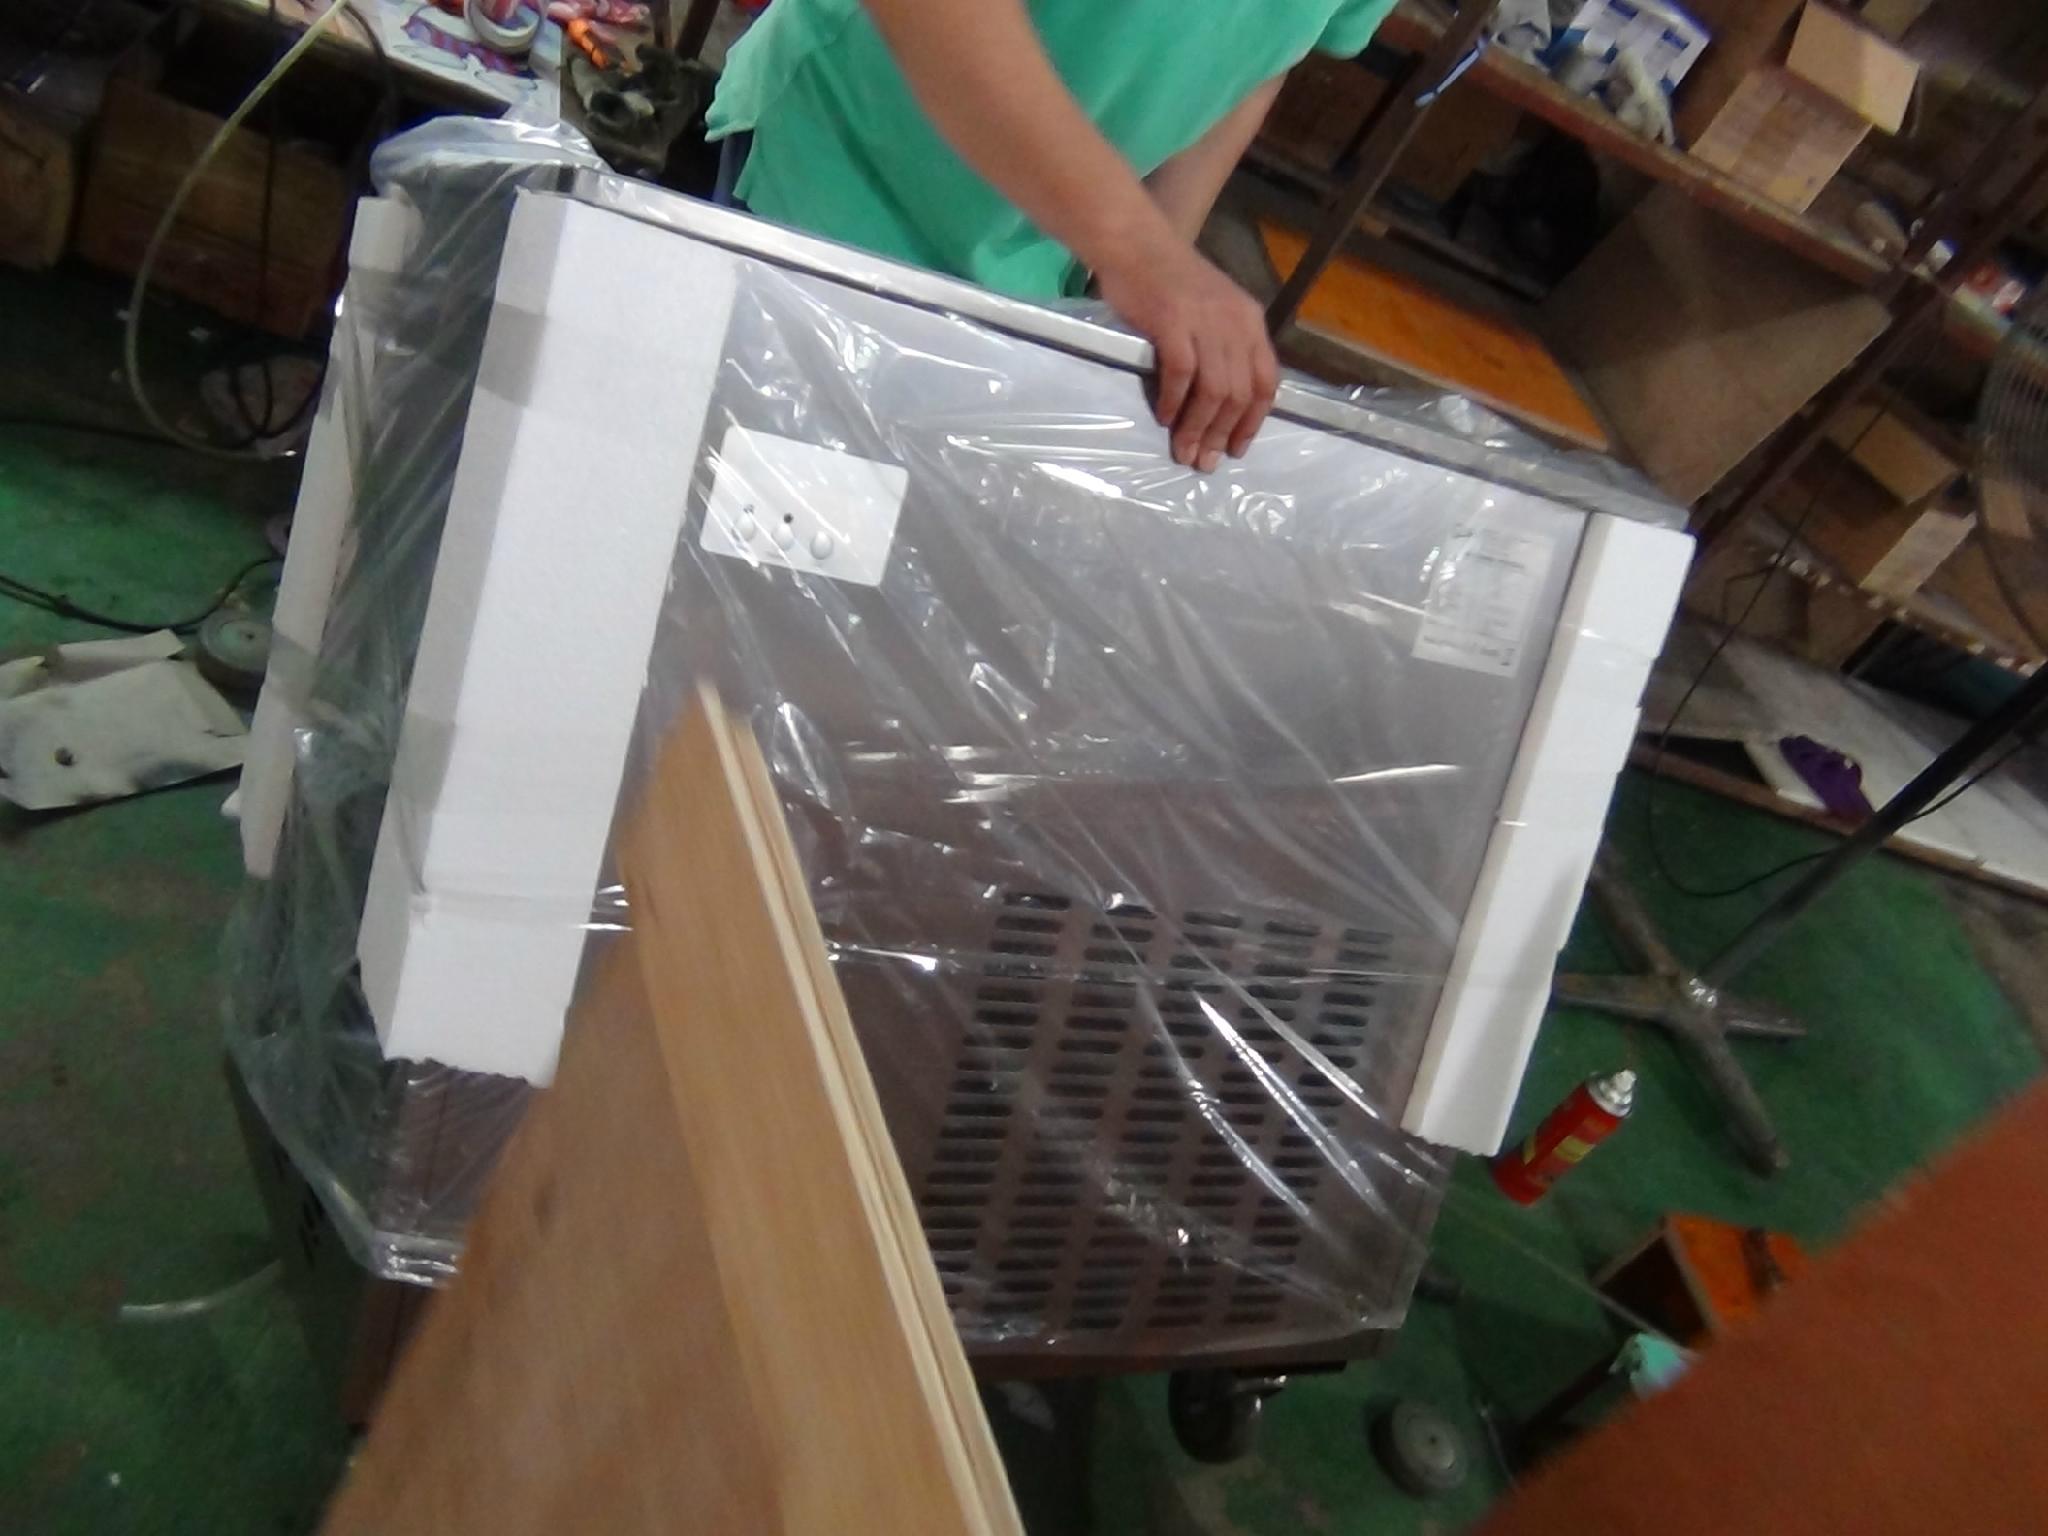 CB-100方盤炒冰機,炒冰機什麼牌子好 8